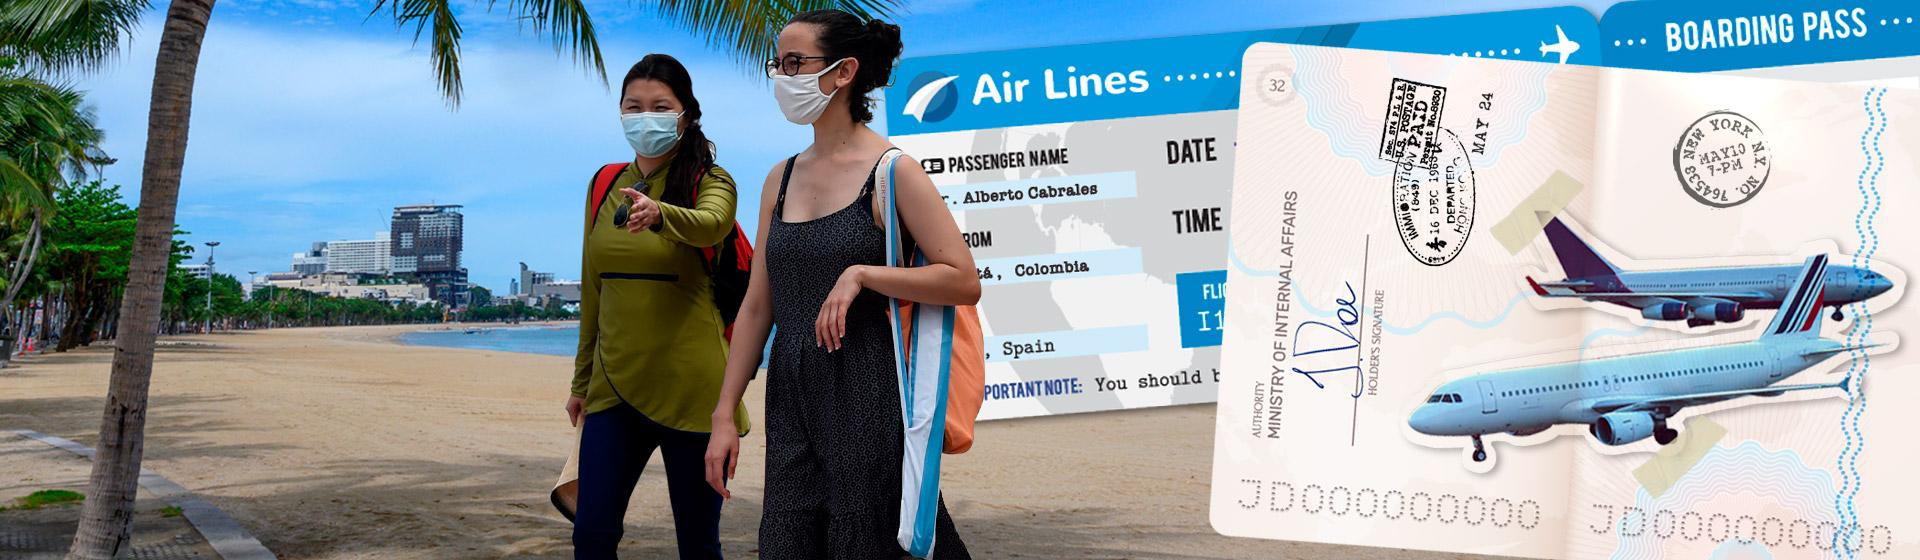 Collage de playa desocupada, tiquete aéreo, pasaporte, aviones y turistas con tapabocas